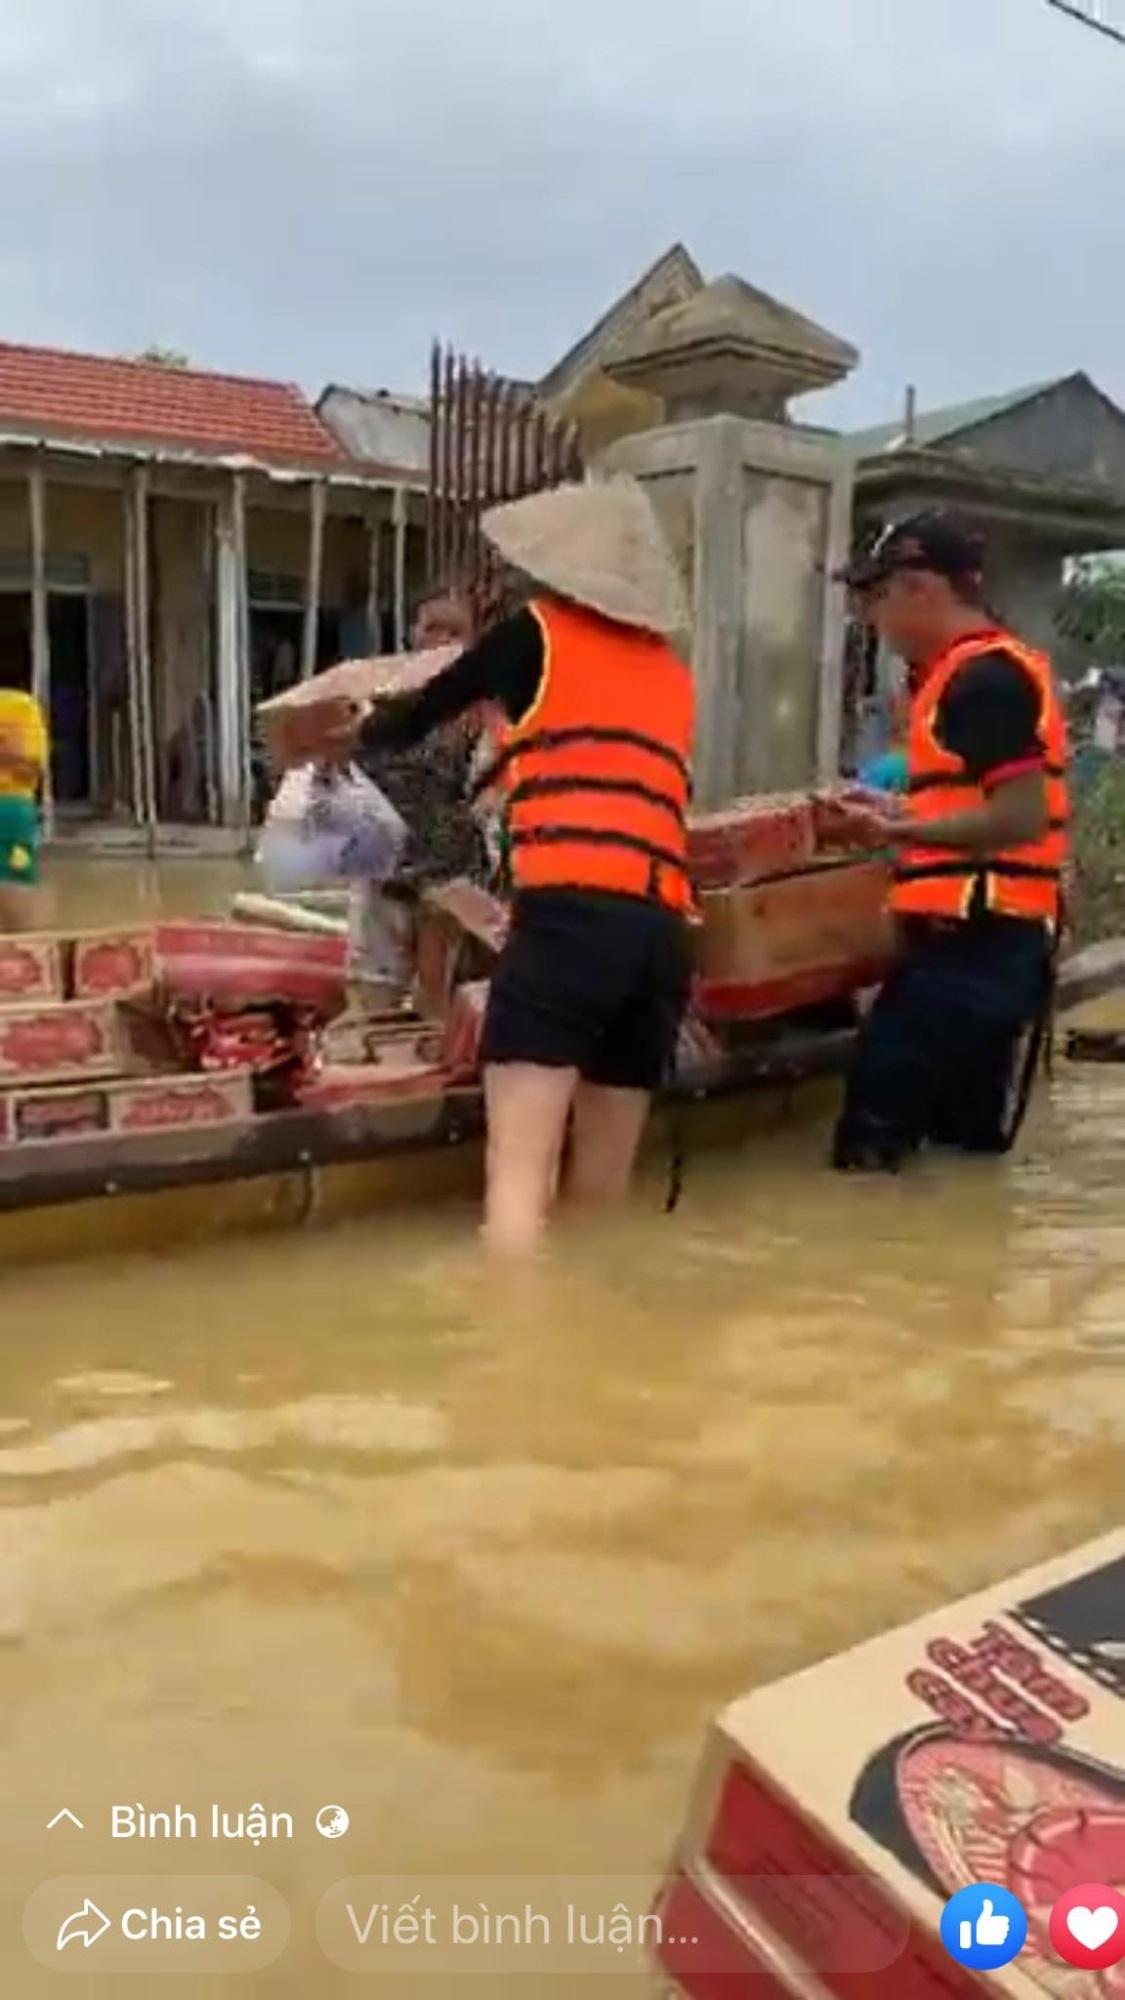 Loạt ảnh Thủy Tiên lội nước trao tận tay người dân miền Trung những món quà cứu trợ gây xúc động mạnh, số tiền quyên góp đã lên đến 22 tỷ đồng - Ảnh 9